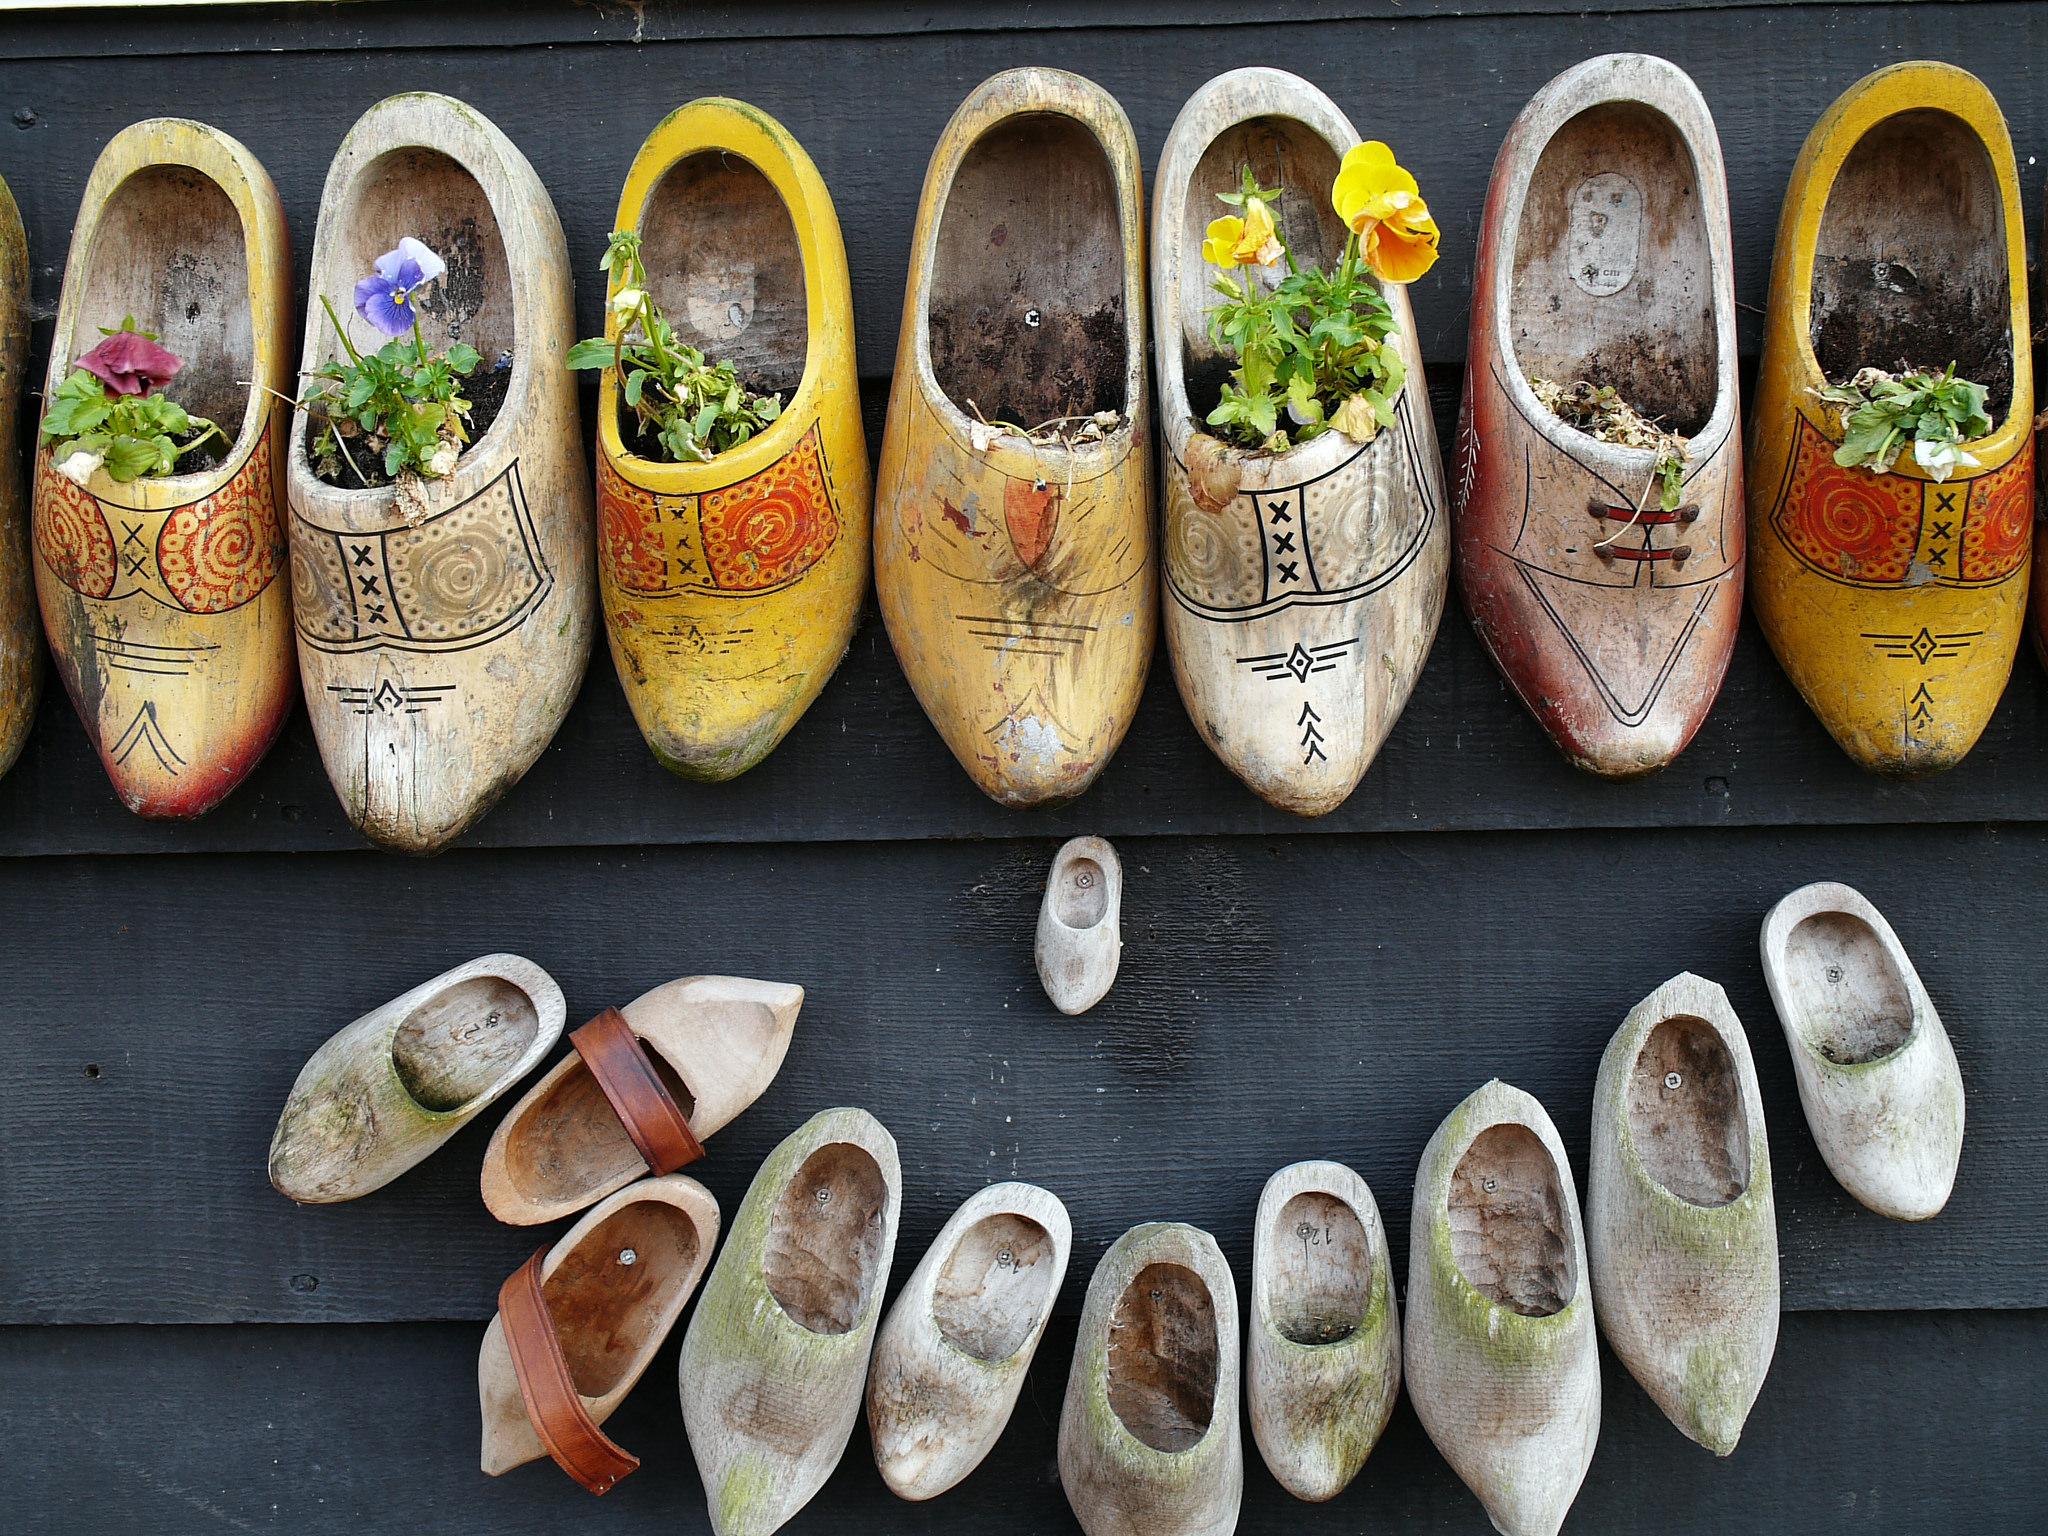 Зансе-Сханс, мастерская по изготовлению традиционной голландской обуви